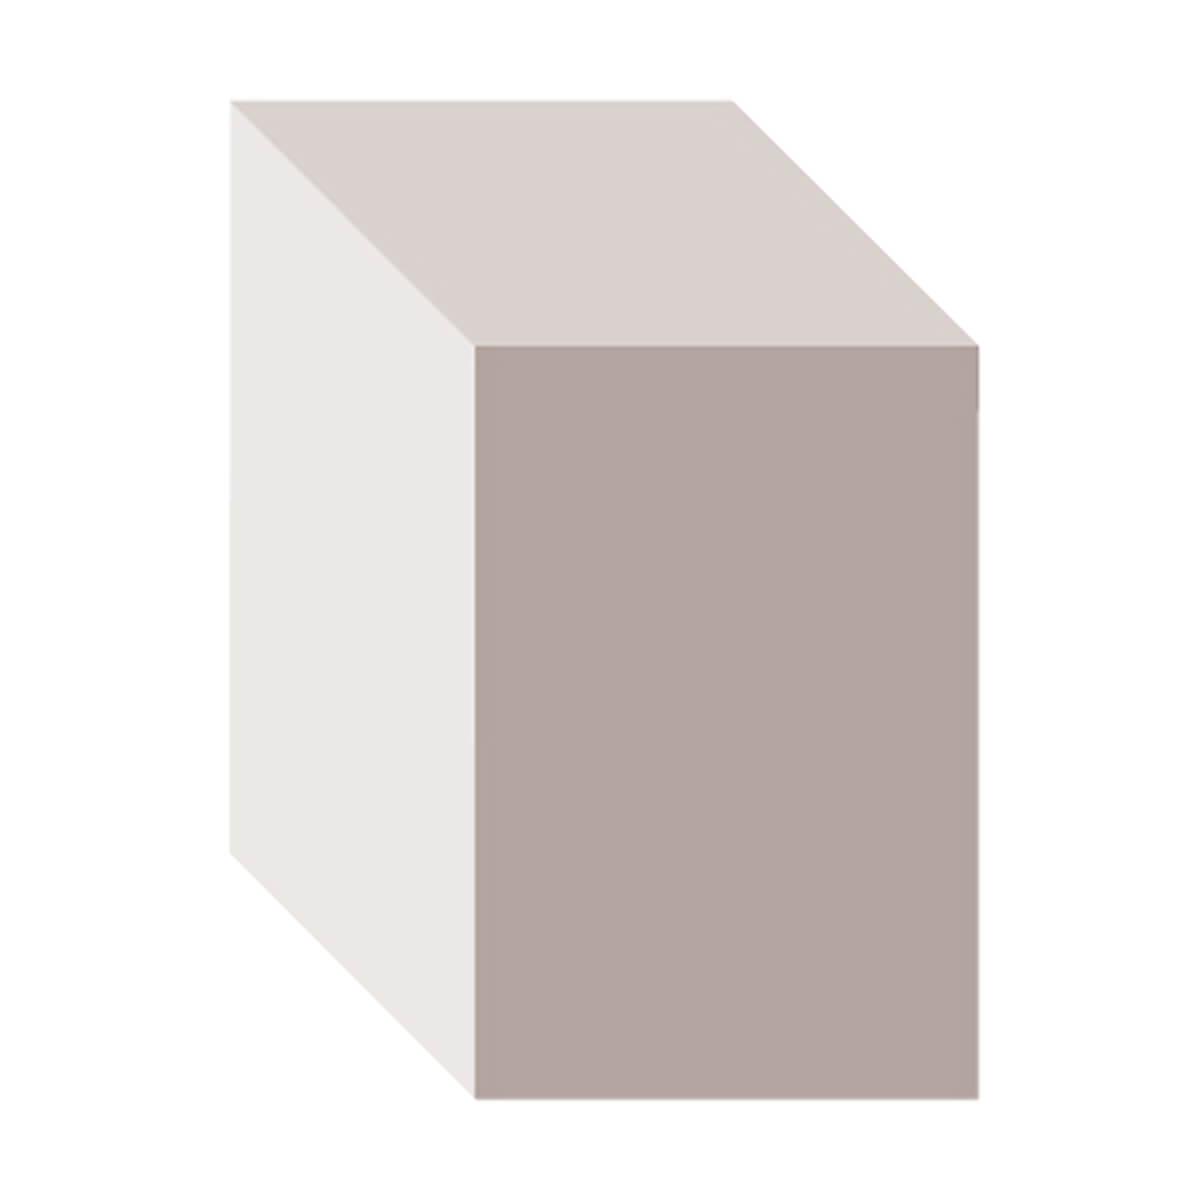 1/2-in x 3/4-in Primed Finger Joint Square